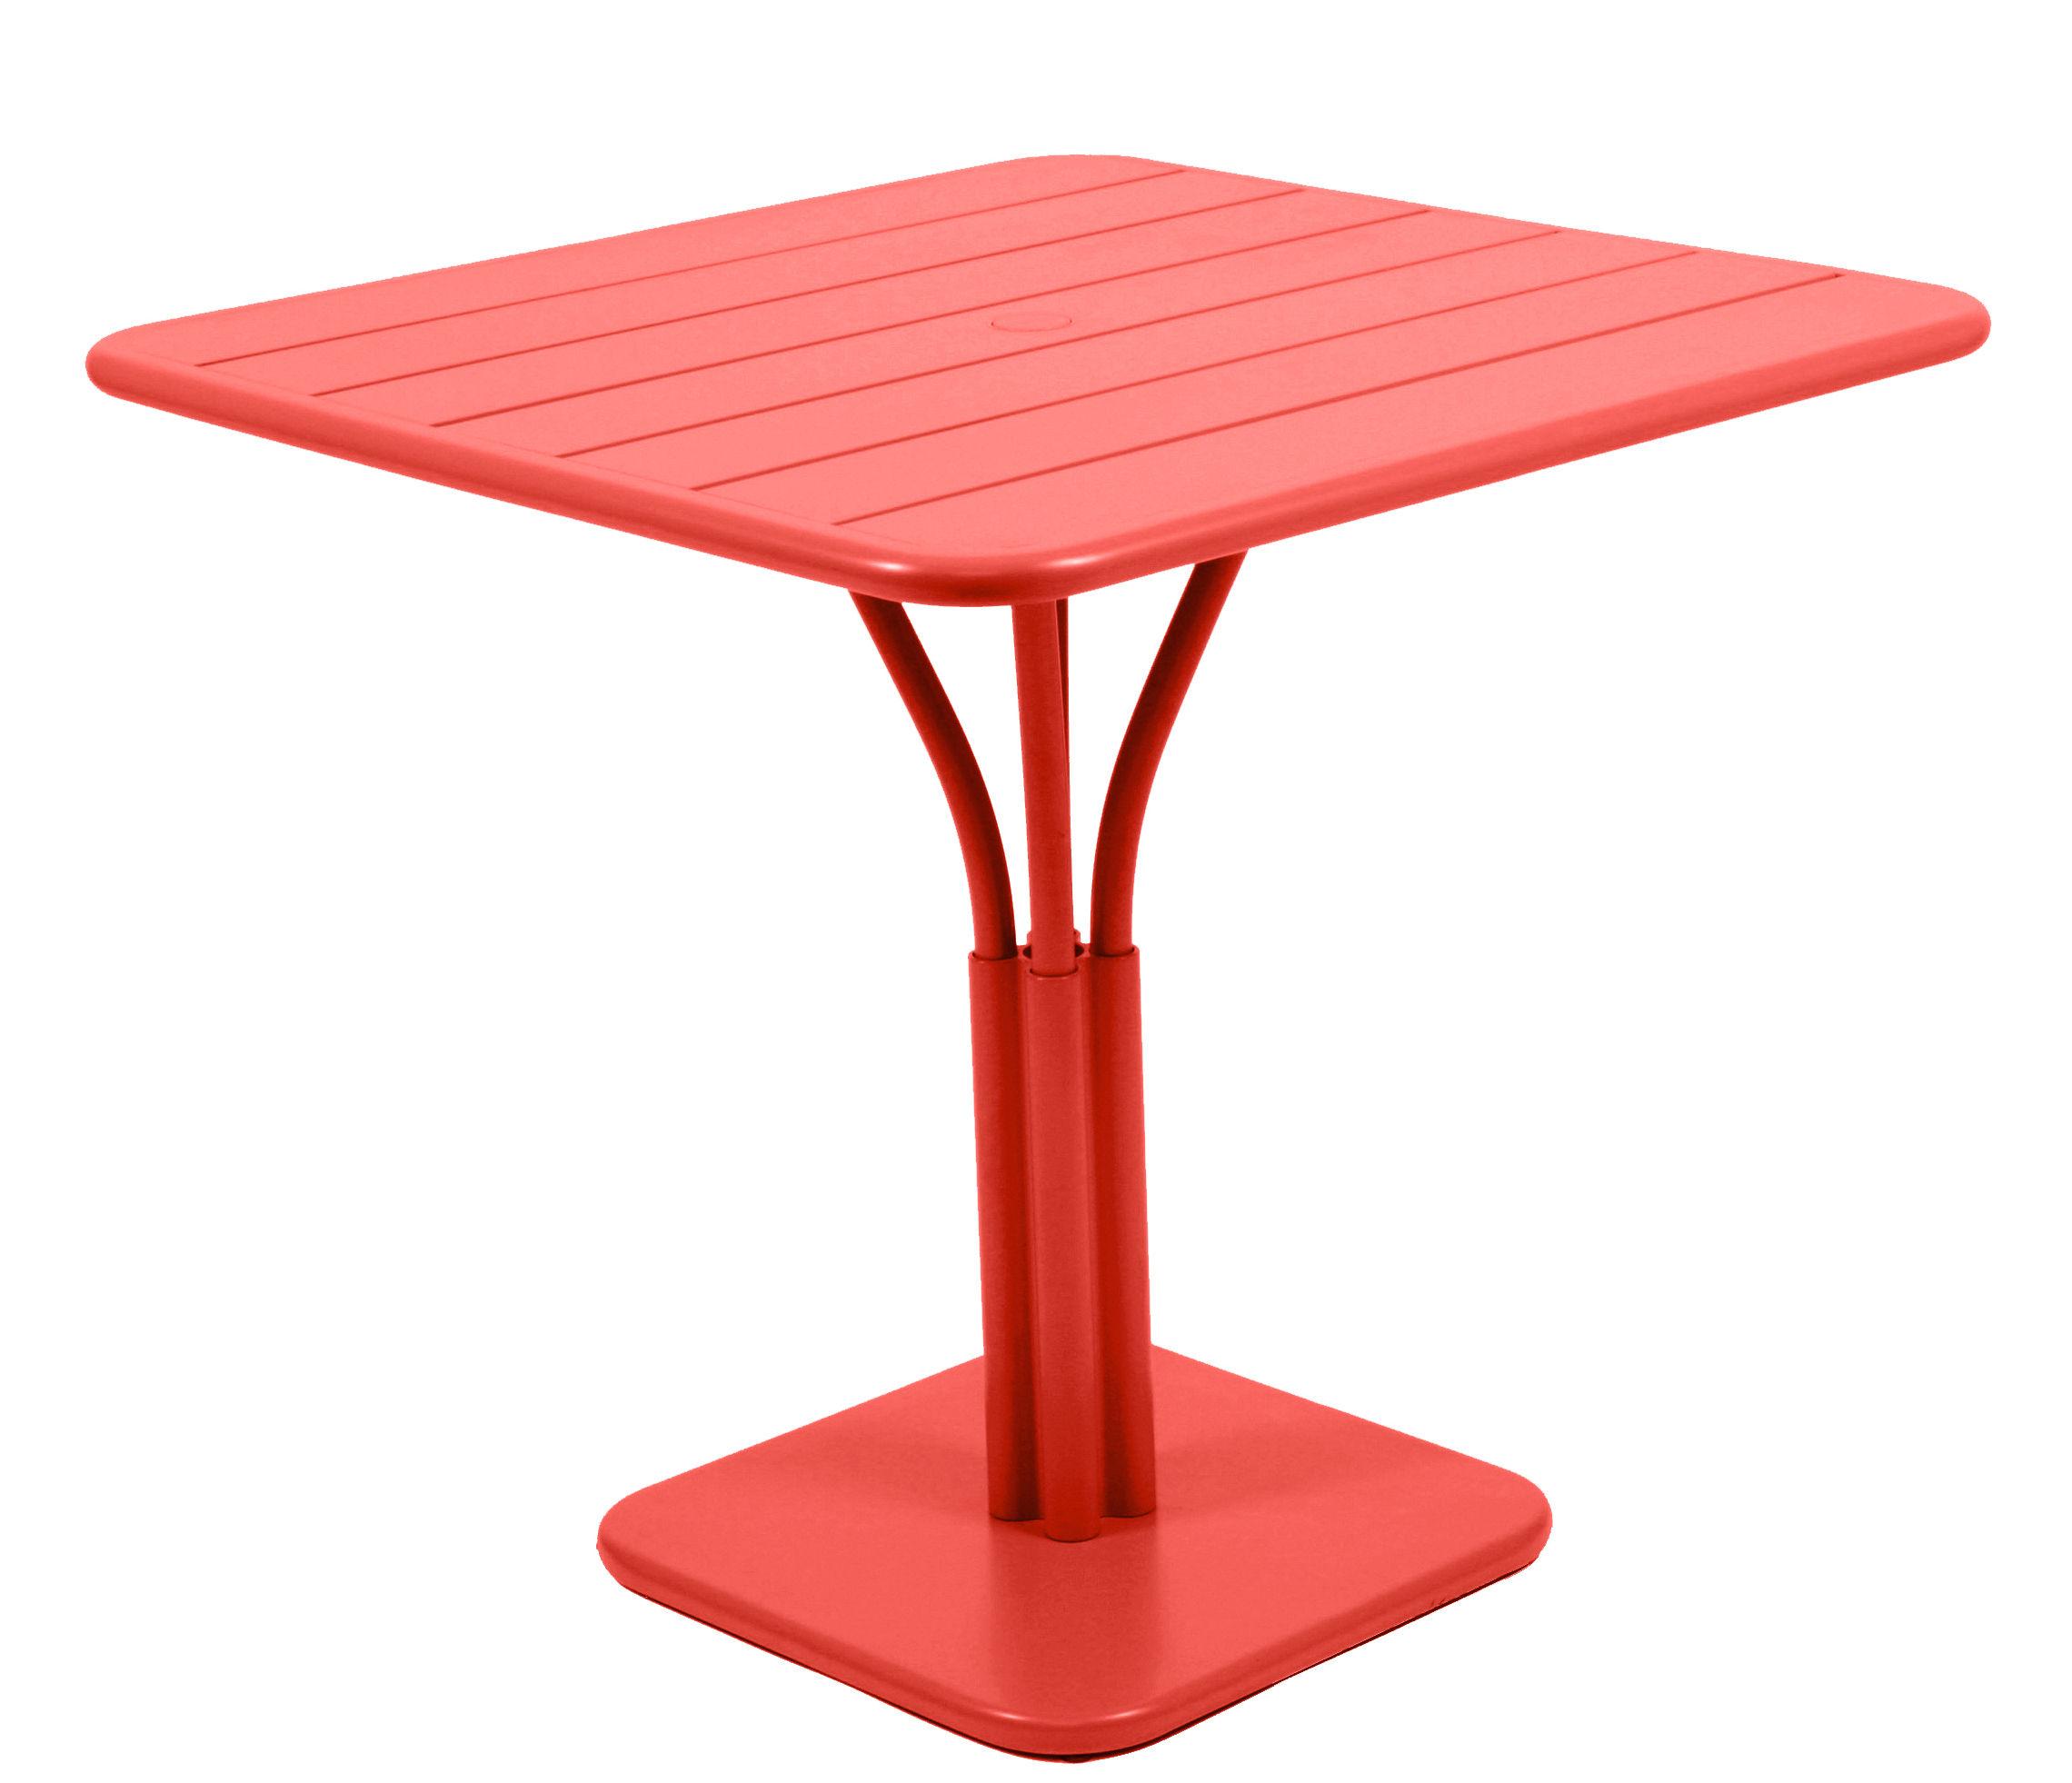 Scopri tavolo luxembourg da 2 a 4 persone 80 x 80 cm for Tavolo x 20 persone